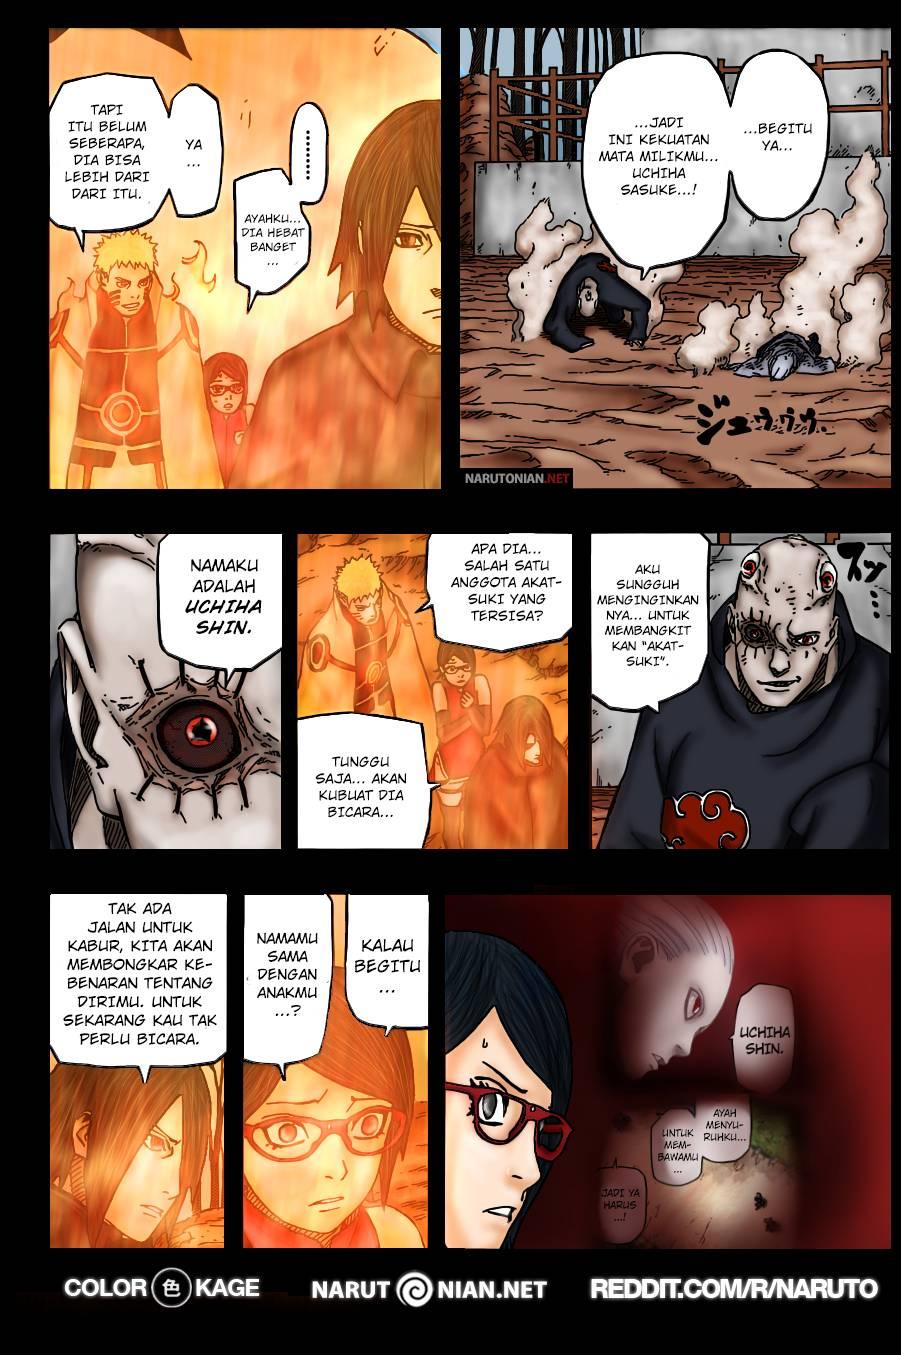 Dilarang COPAS - situs resmi www.mangacanblog.com - Komik naruto berwarna 706 - spesies yang tak berevolusi 707 Indonesia naruto berwarna 706 - spesies yang tak berevolusi Terbaru 6|Baca Manga Komik Indonesia|Mangacan